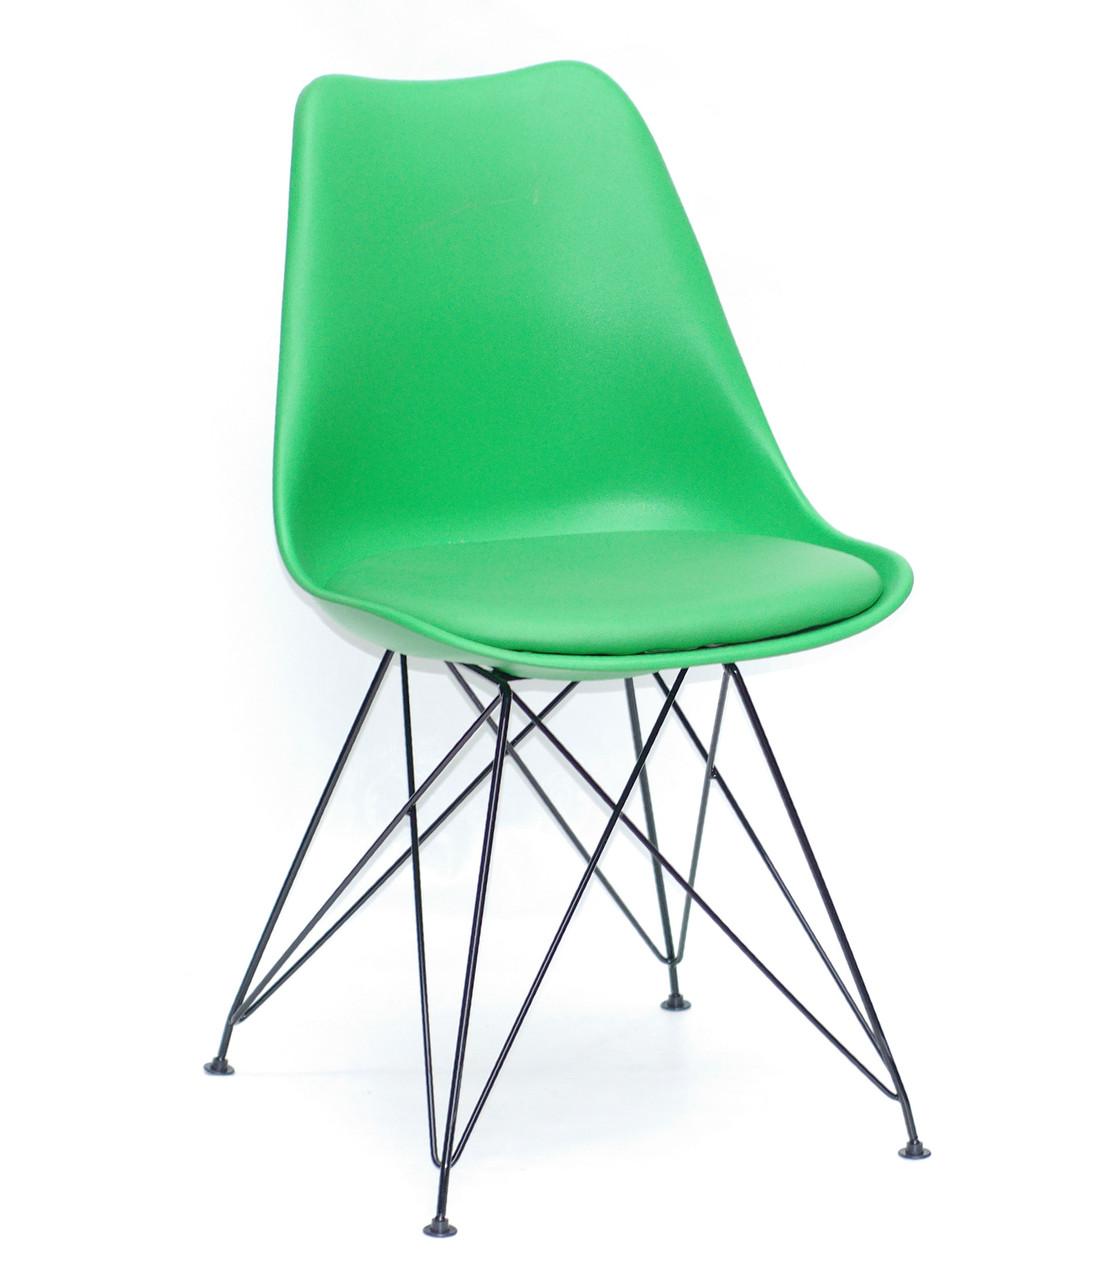 Стул на черных металлических ножках Milan BK-ML с пластиковым сиденьем с подушкой зеленого цвета